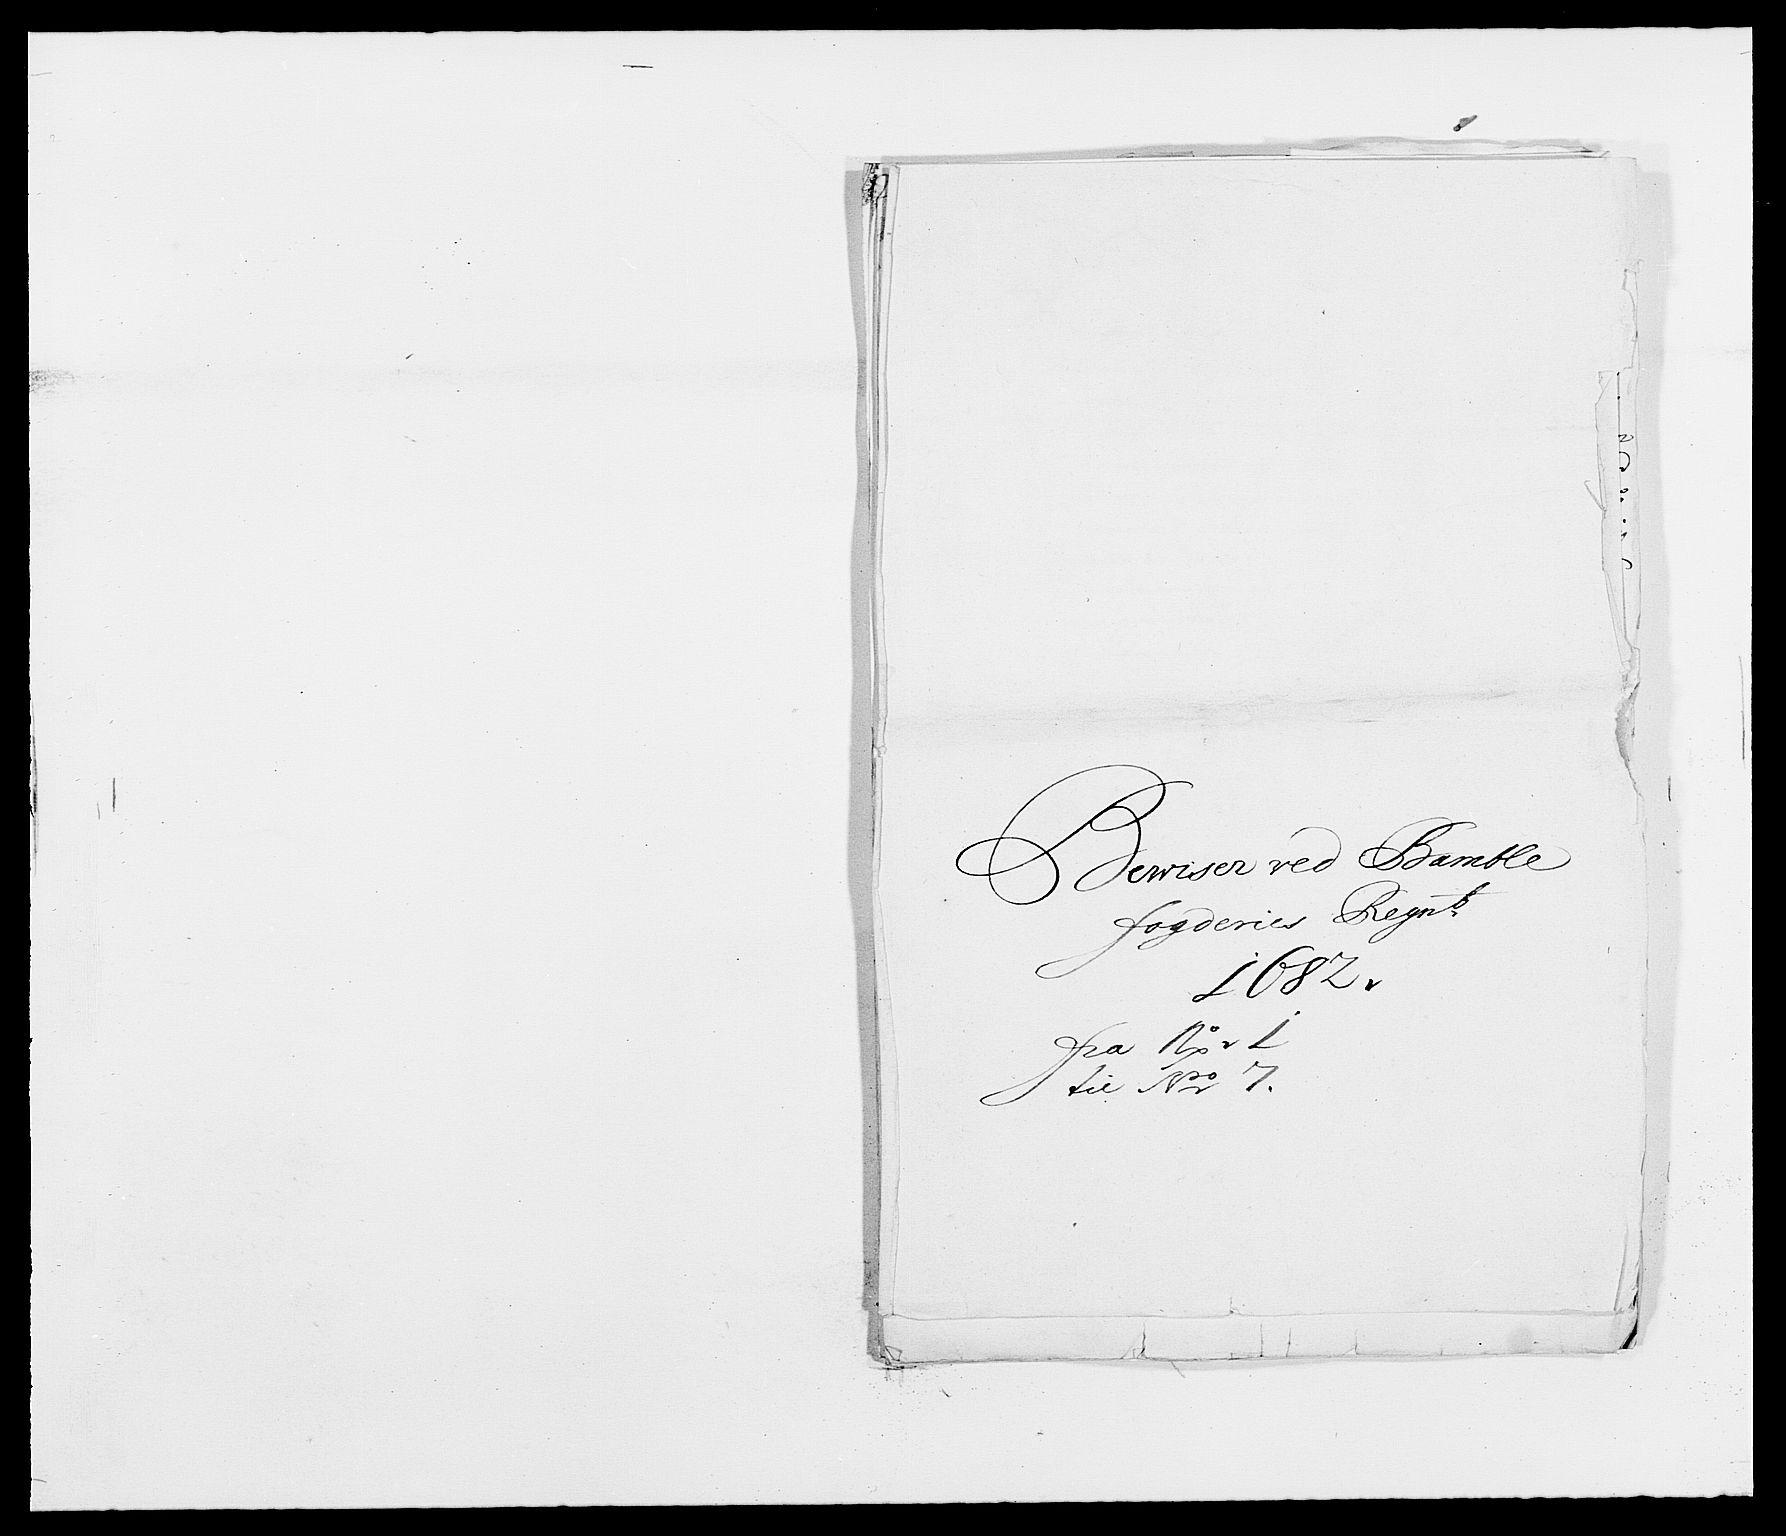 RA, Rentekammeret inntil 1814, Reviderte regnskaper, Fogderegnskap, R34/L2046: Fogderegnskap Bamble, 1682-1683, s. 224